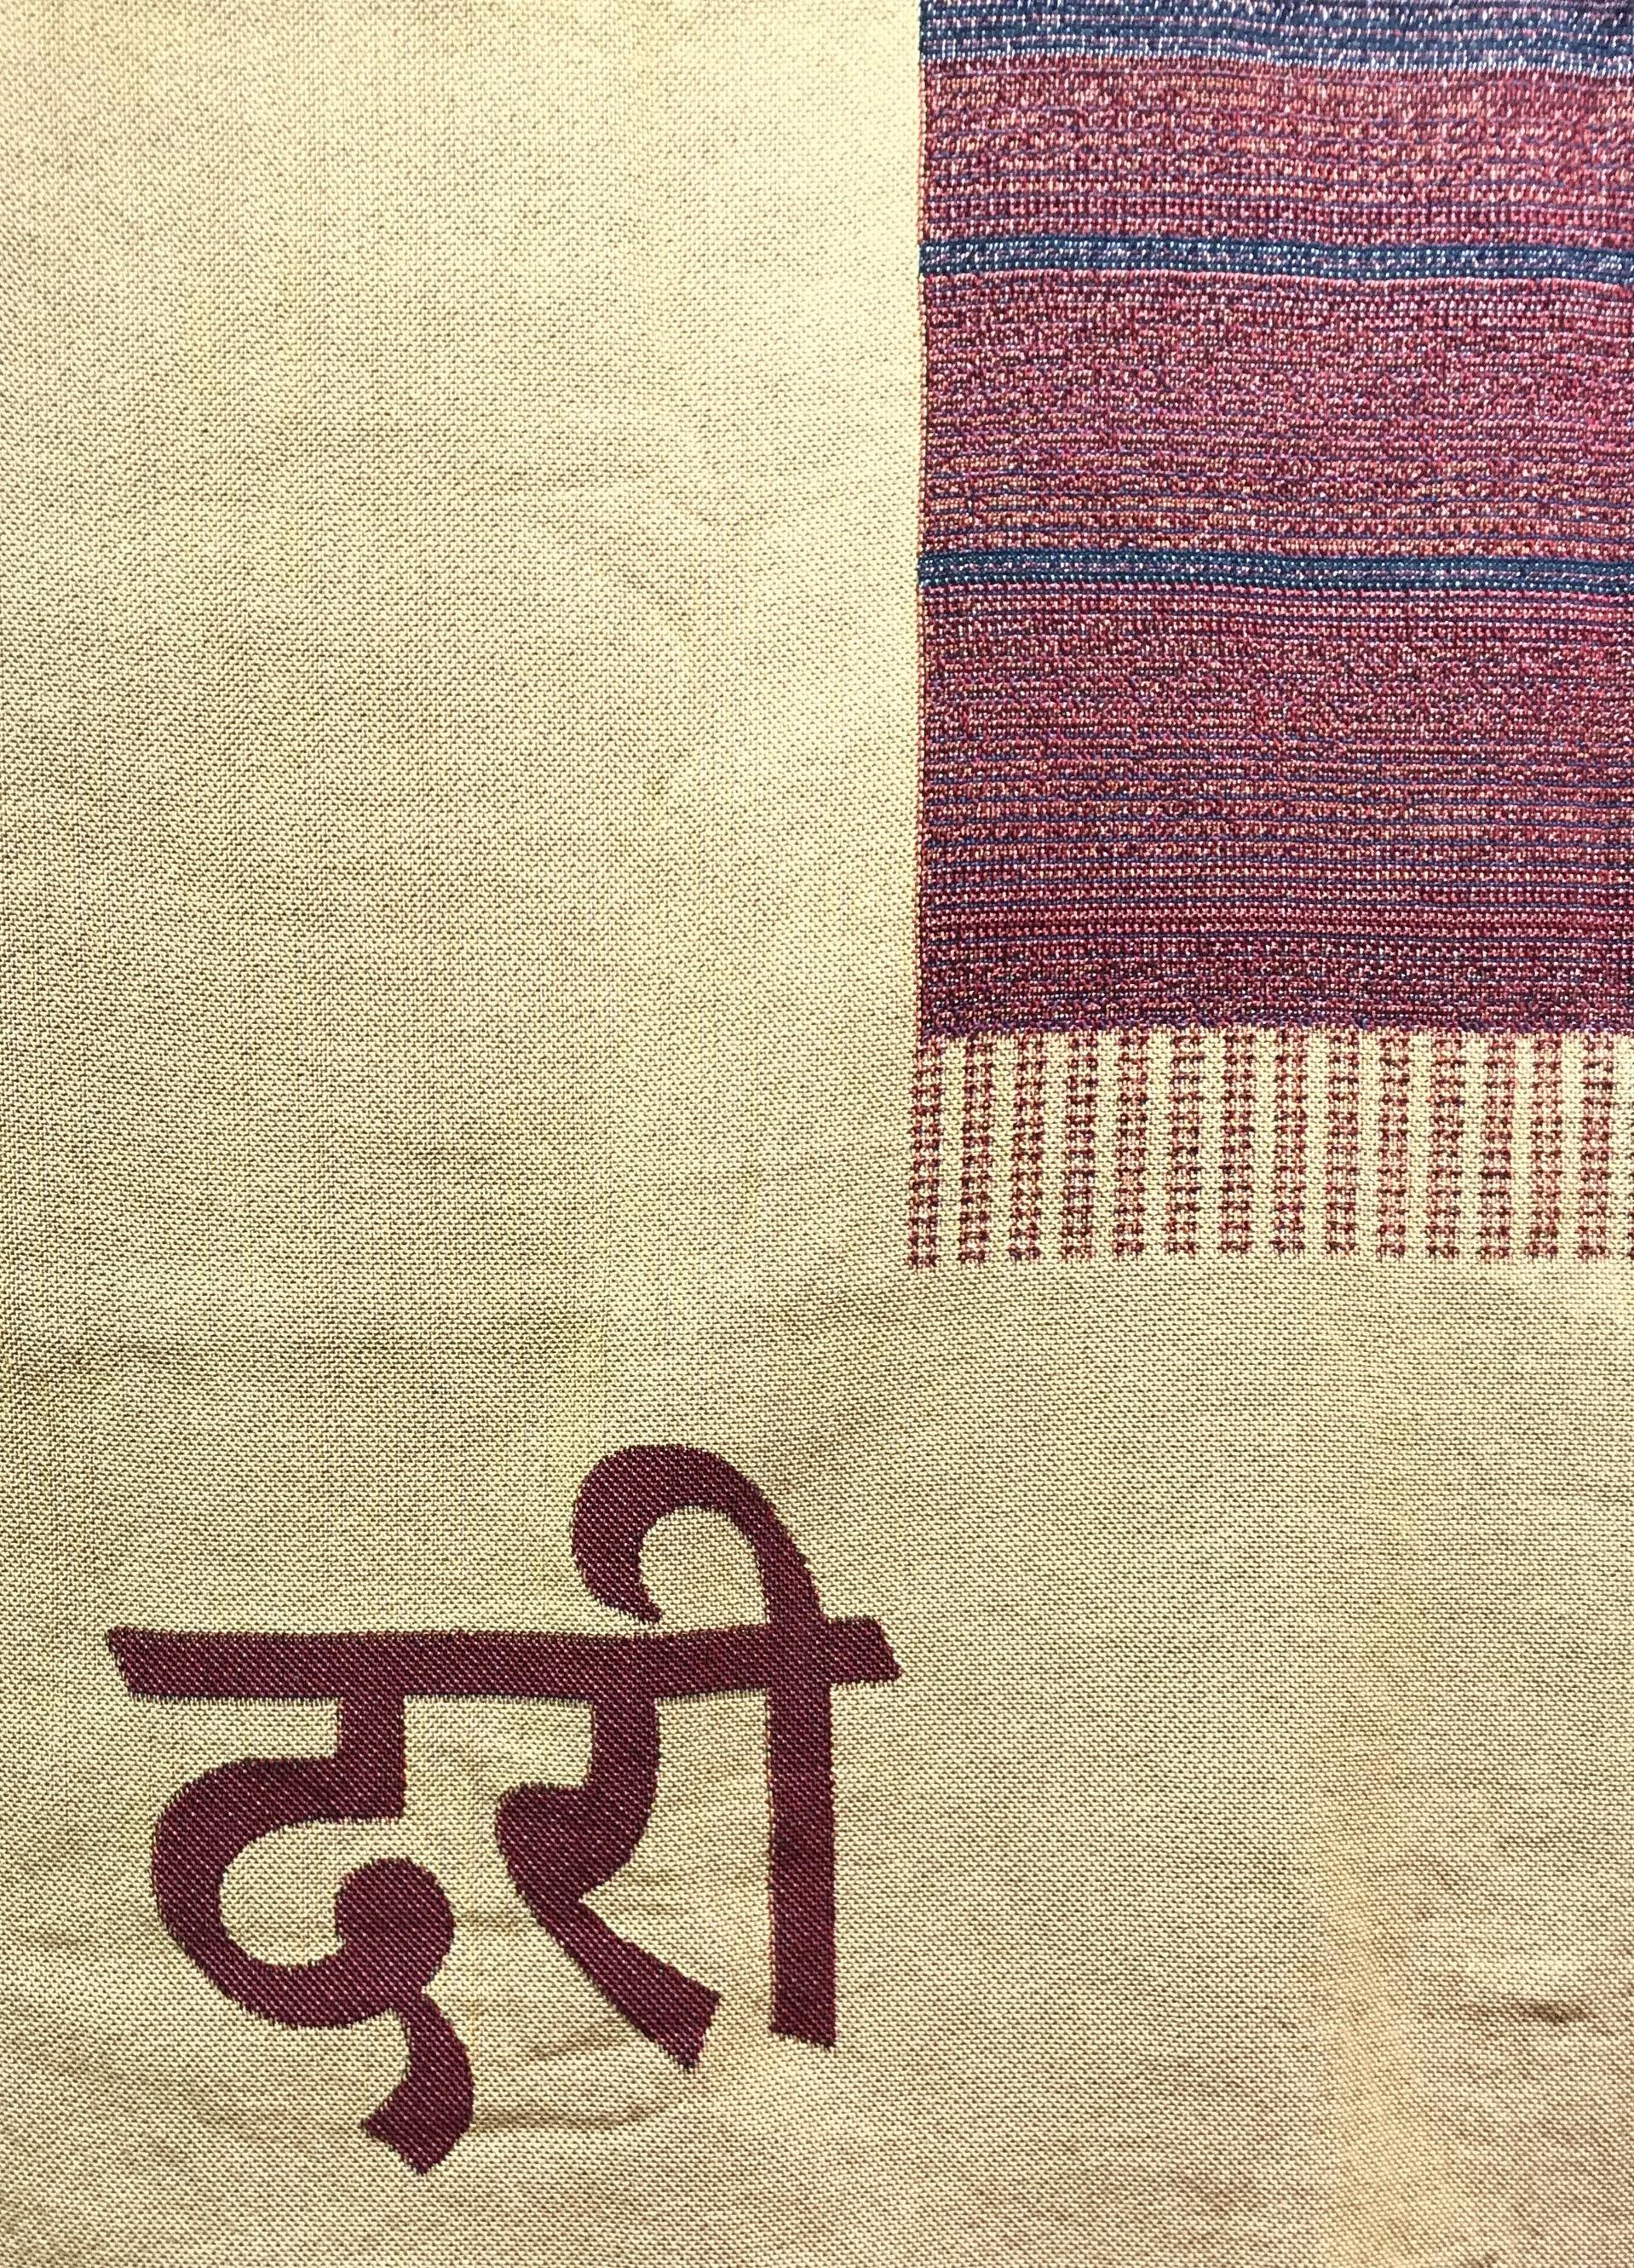 INDO_RUG-rug_detail.jpg